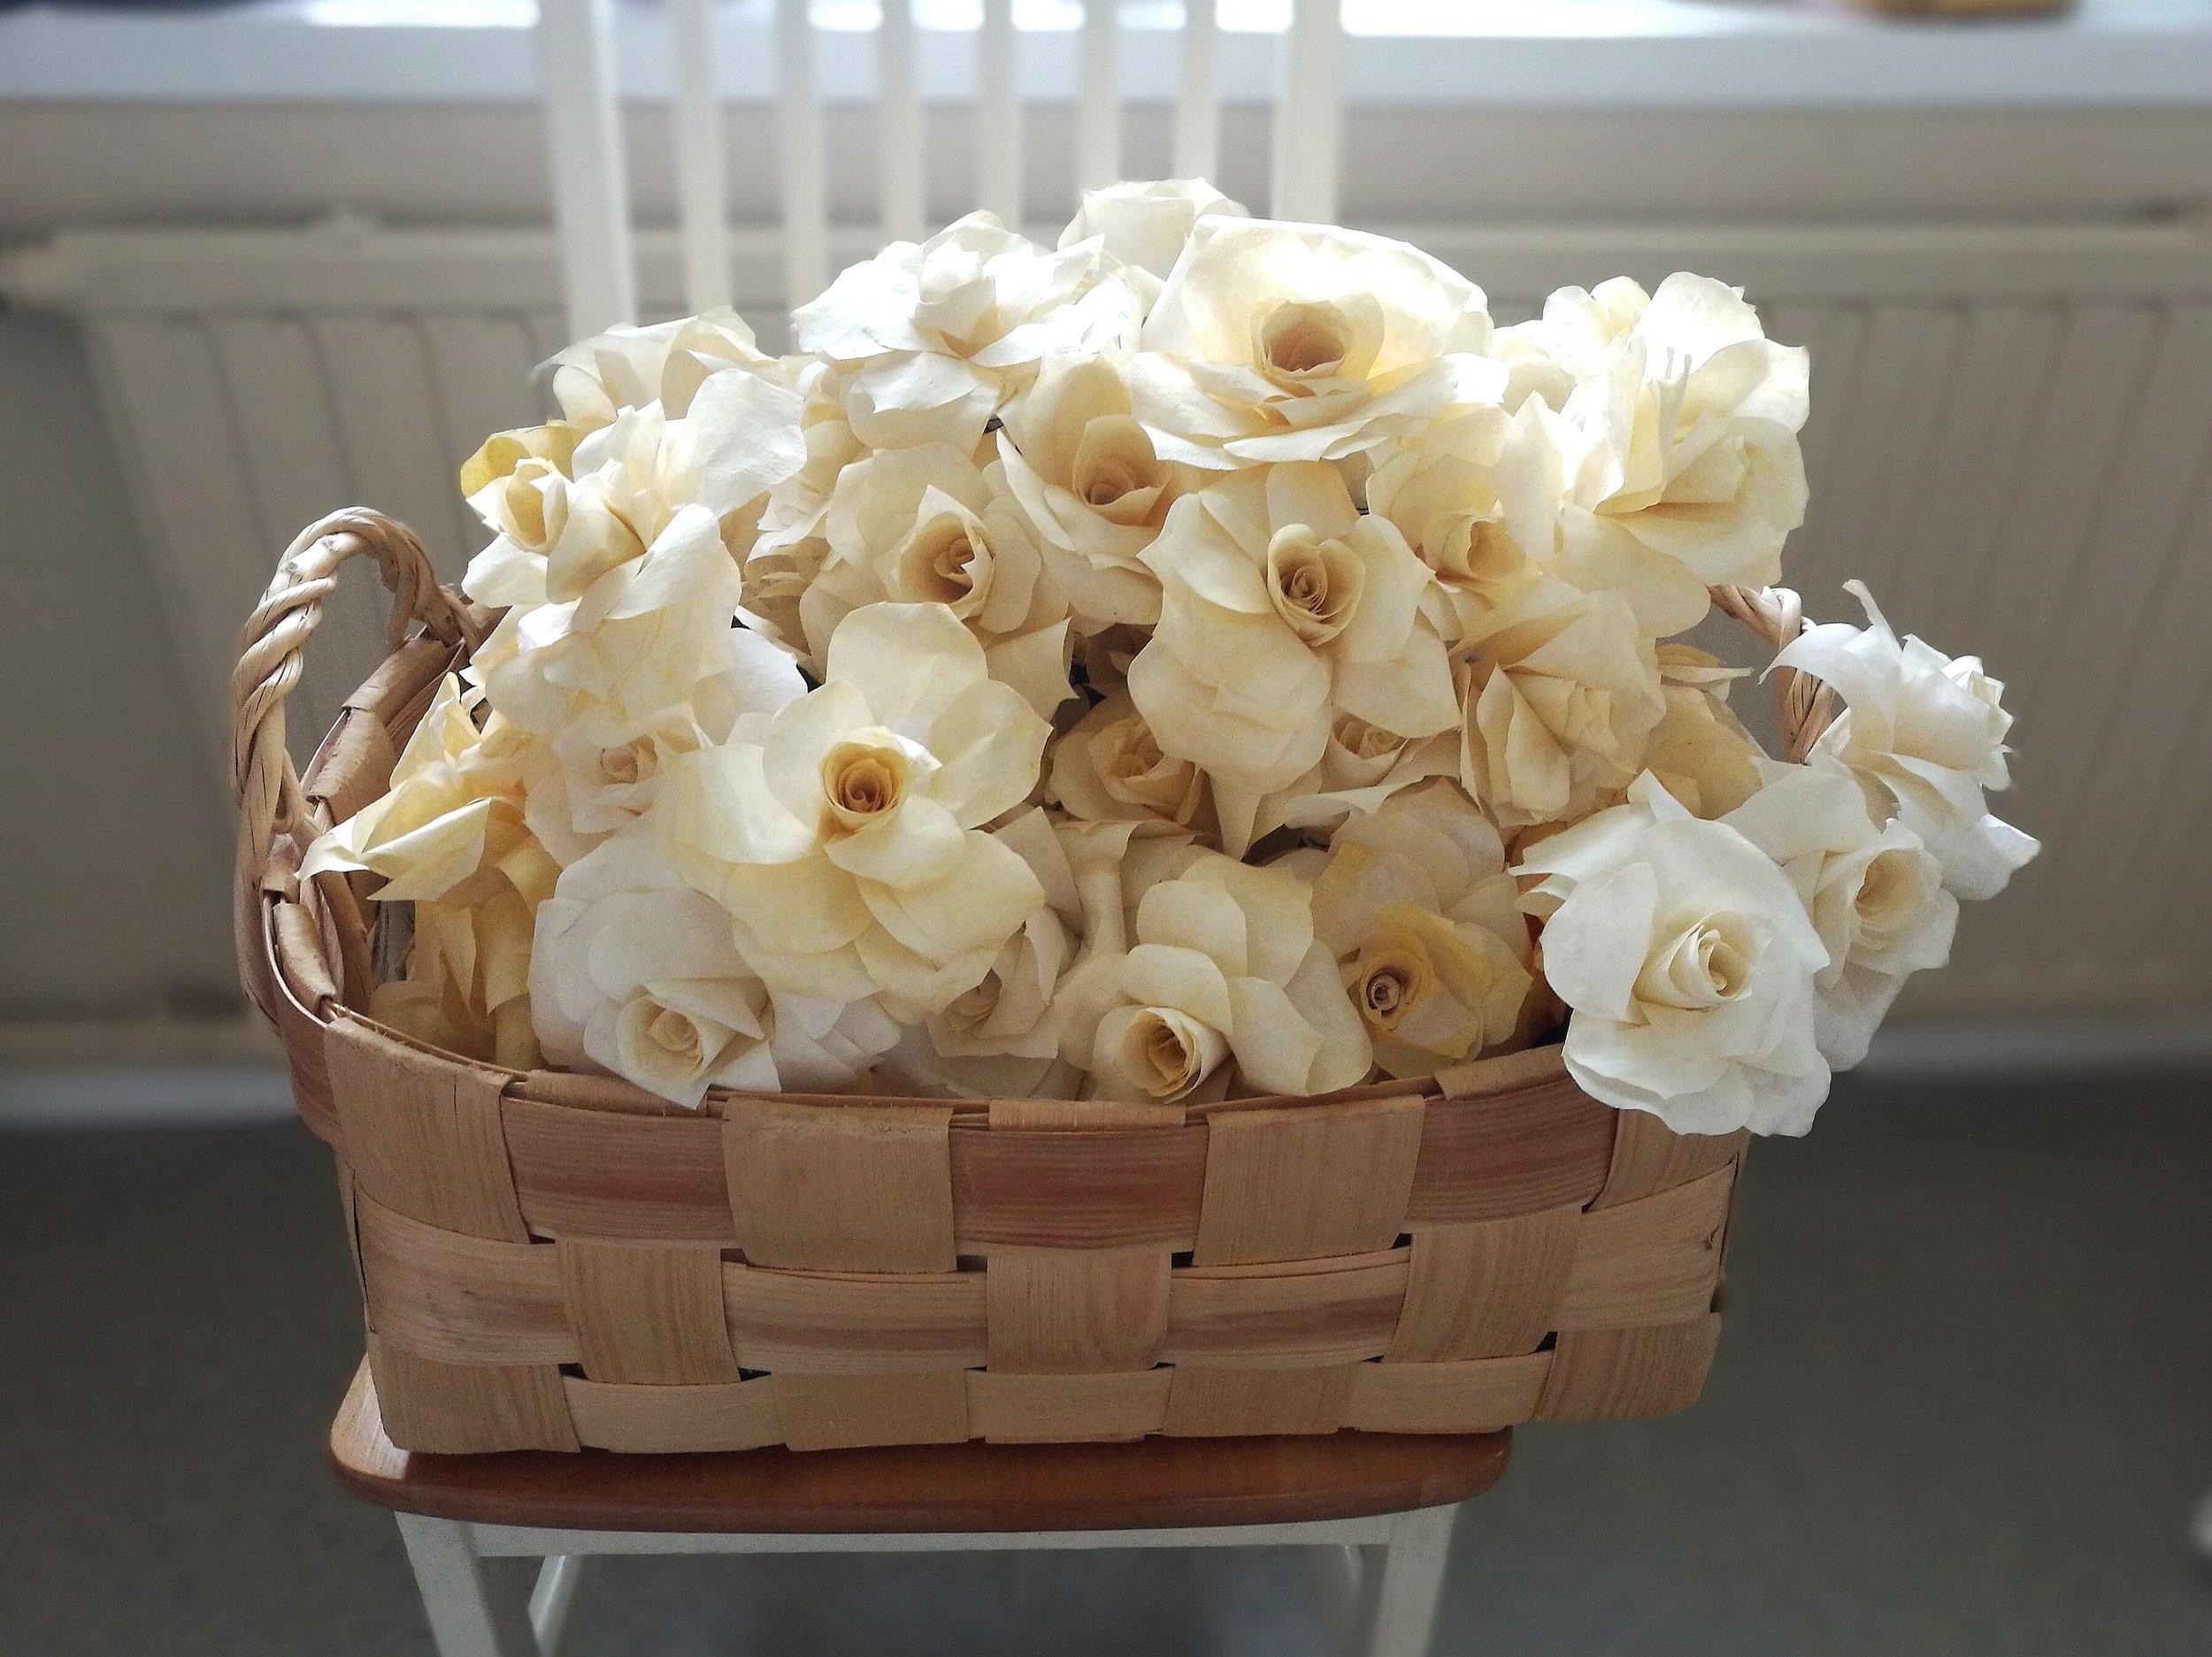 Noin 100 ruusua lähdössä hääpaikalle.